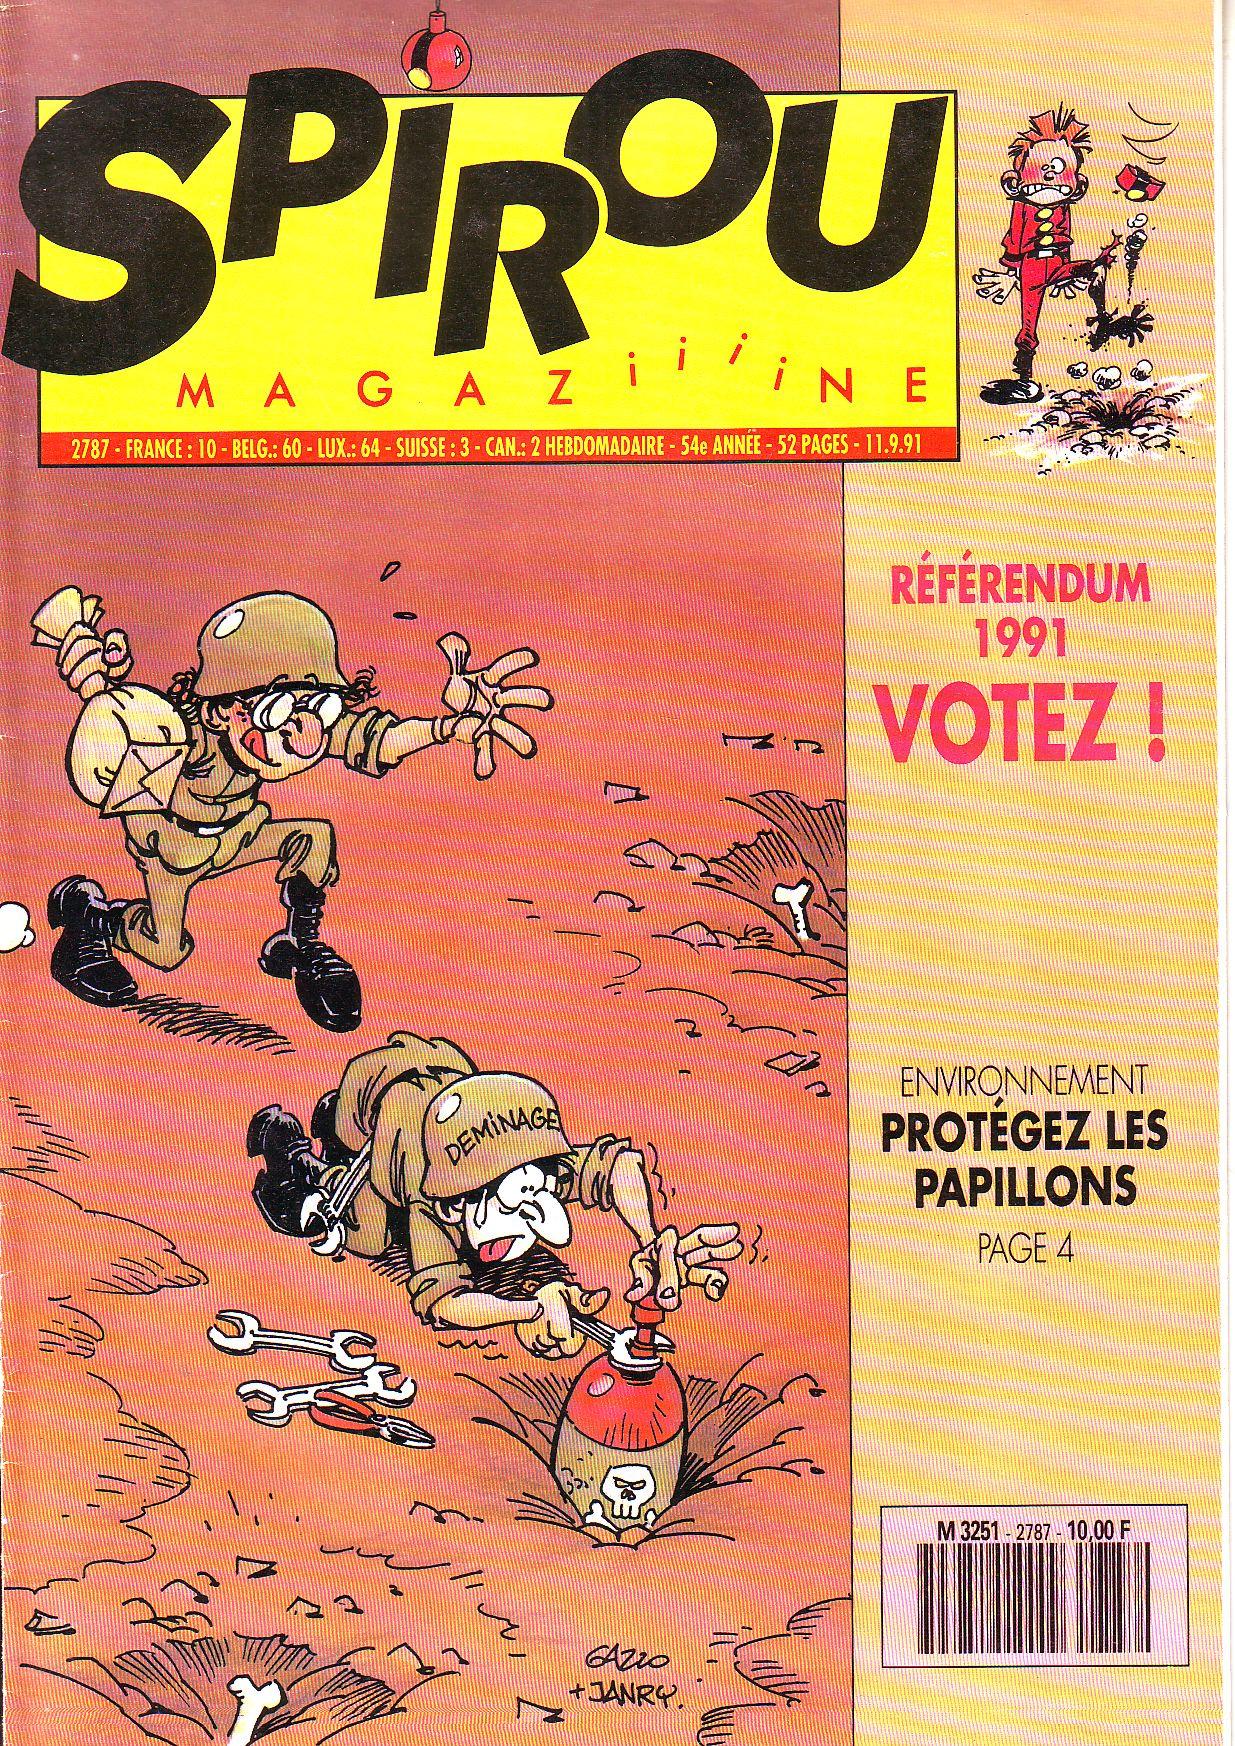 Le journal de Spirou 2787